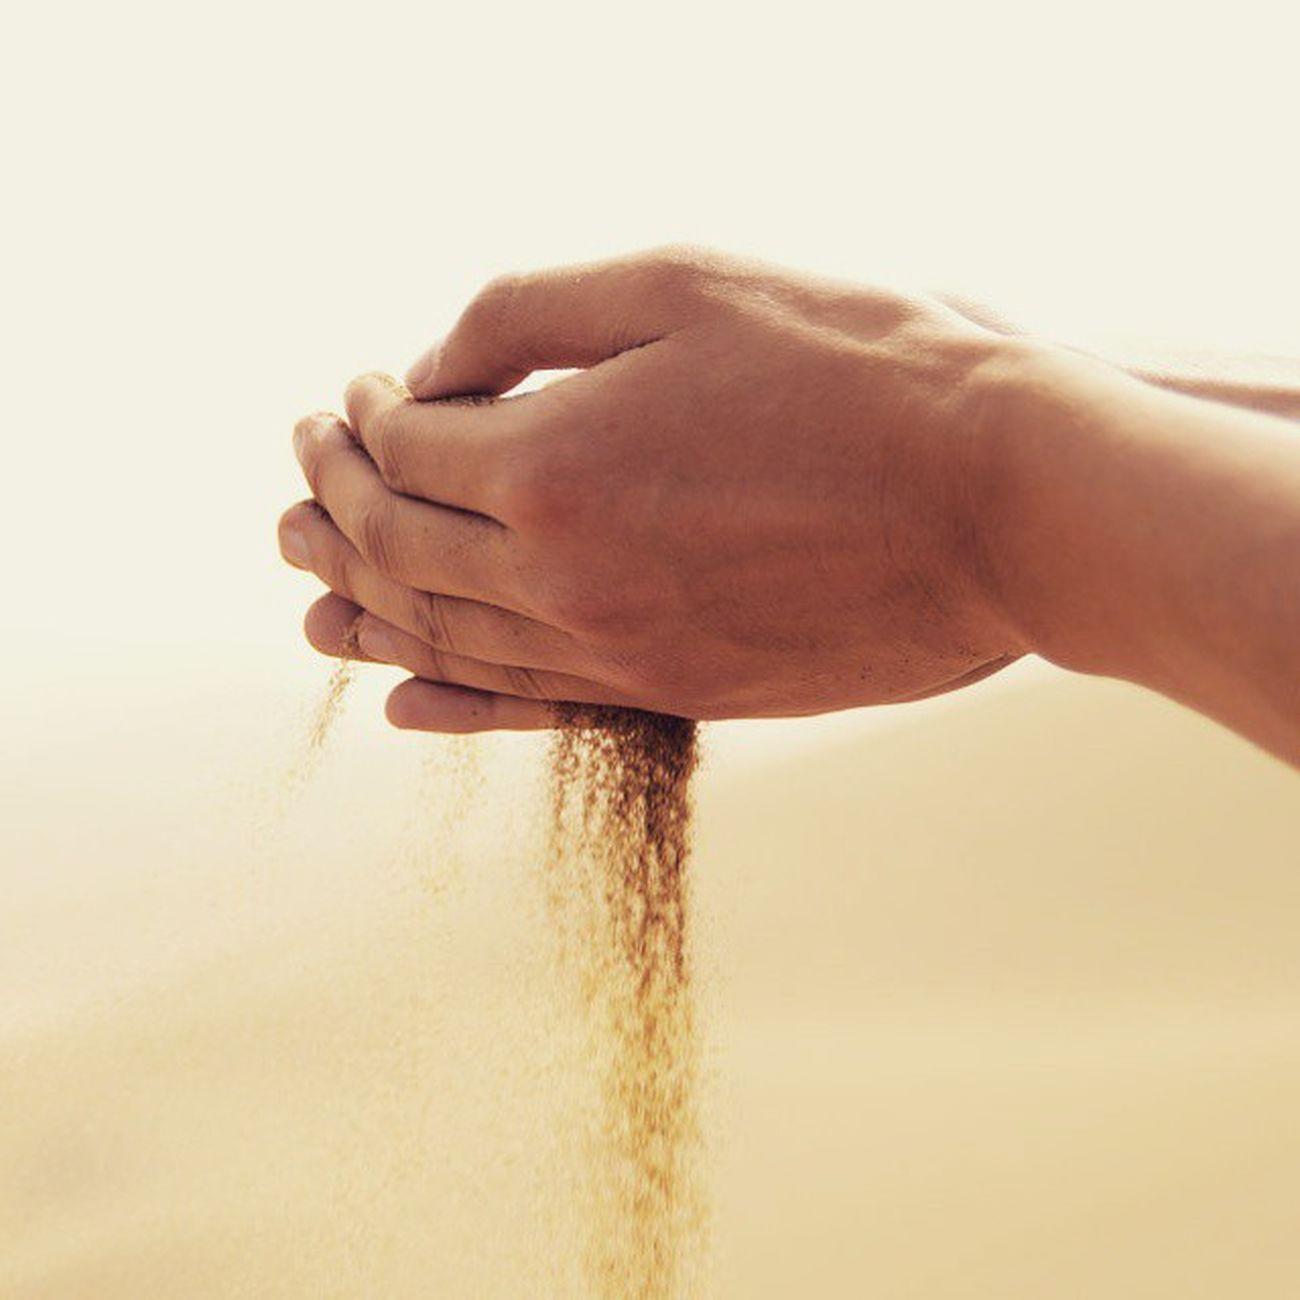 當我們認為緊握 可以守護住一切的同時 它正一點一滴的流逝 其實 越去抓牢 越是失去 然而我們遲遲不肯放手 攤開掌心 所剩無幾的沙粒 不再是當初那份量 喟然長嘆 命裡有時需中有 命裡無時莫強求 握沙哲學